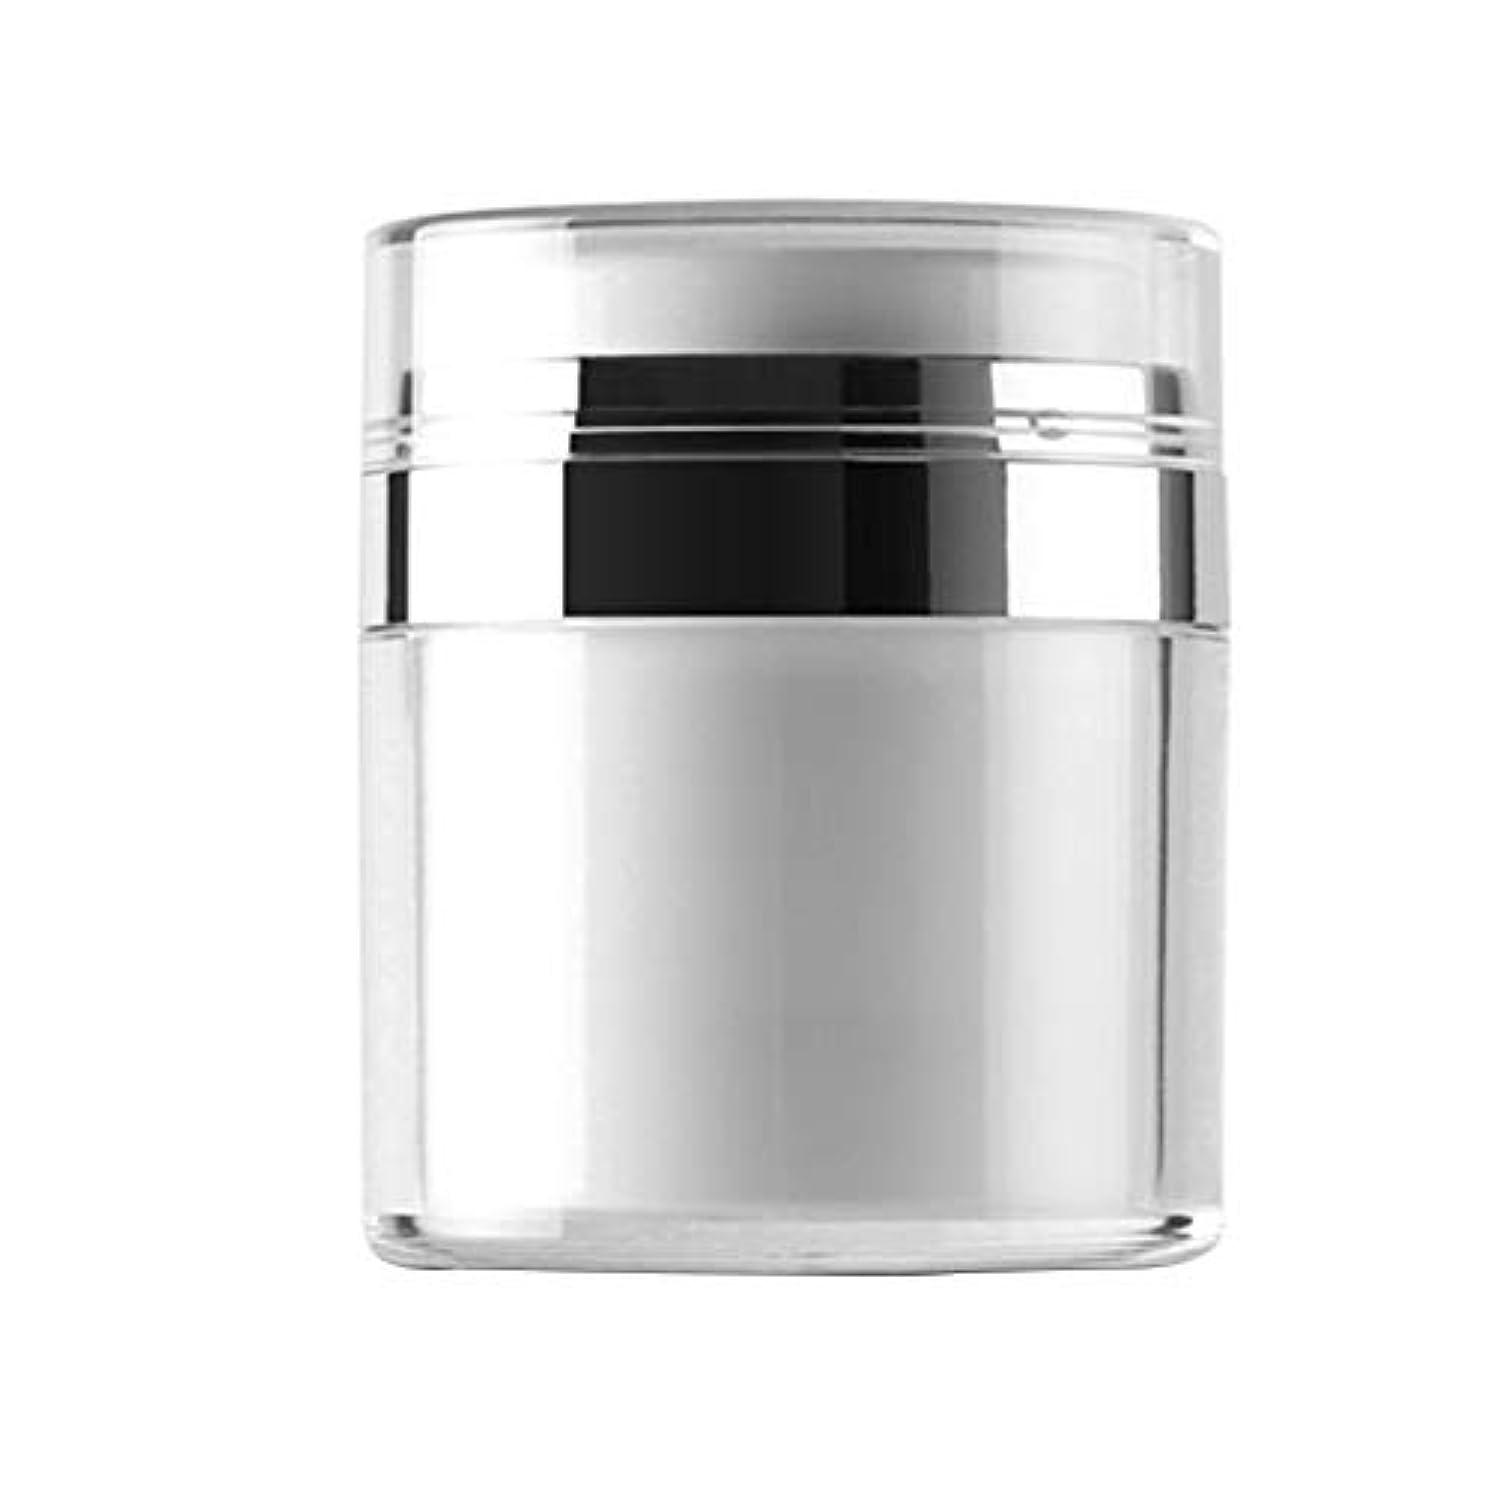 漏斗憎しみ人生を作るVi.yo 小分け容器 トラベルボトル 真空押し式詰替用ボトル 携帯用 旅行 出張用 クリーム 軟膏 乳液など入り 50g